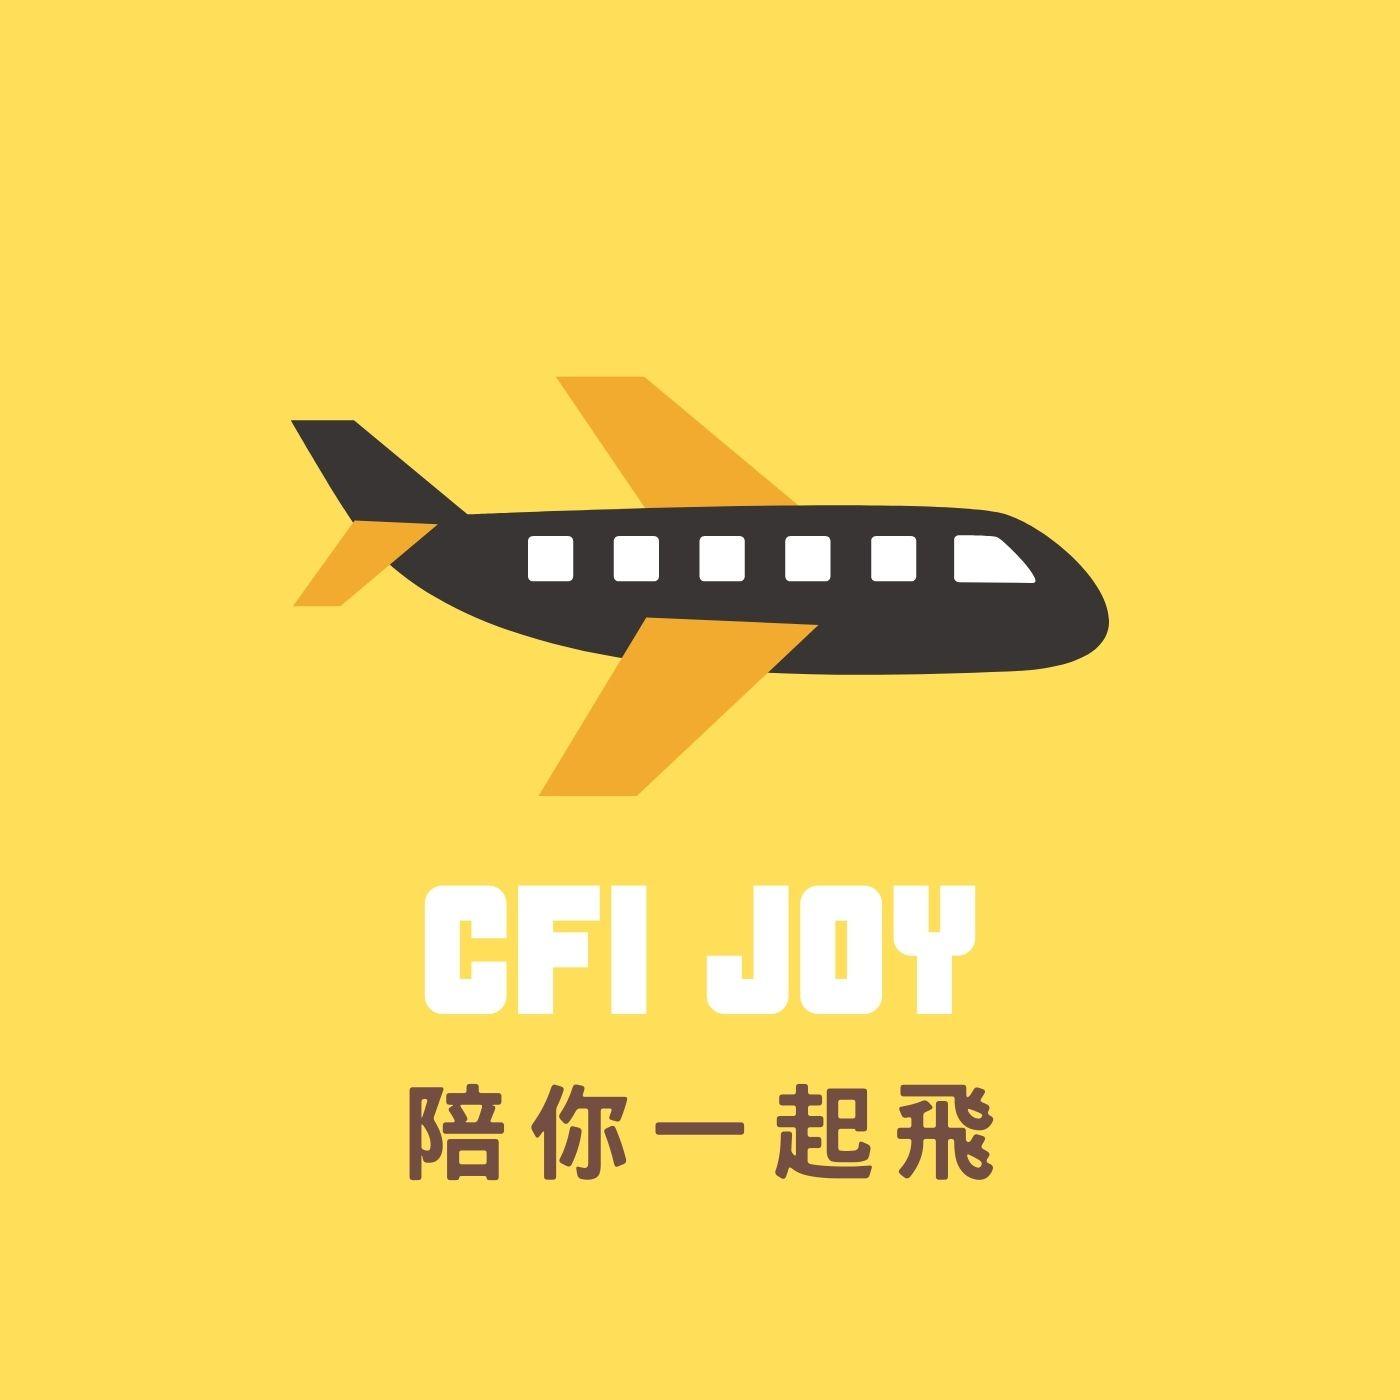 #2 台灣航太系校友 傑克 | 航太系造飛機 自訓學飛沒人告訴你的風險管理